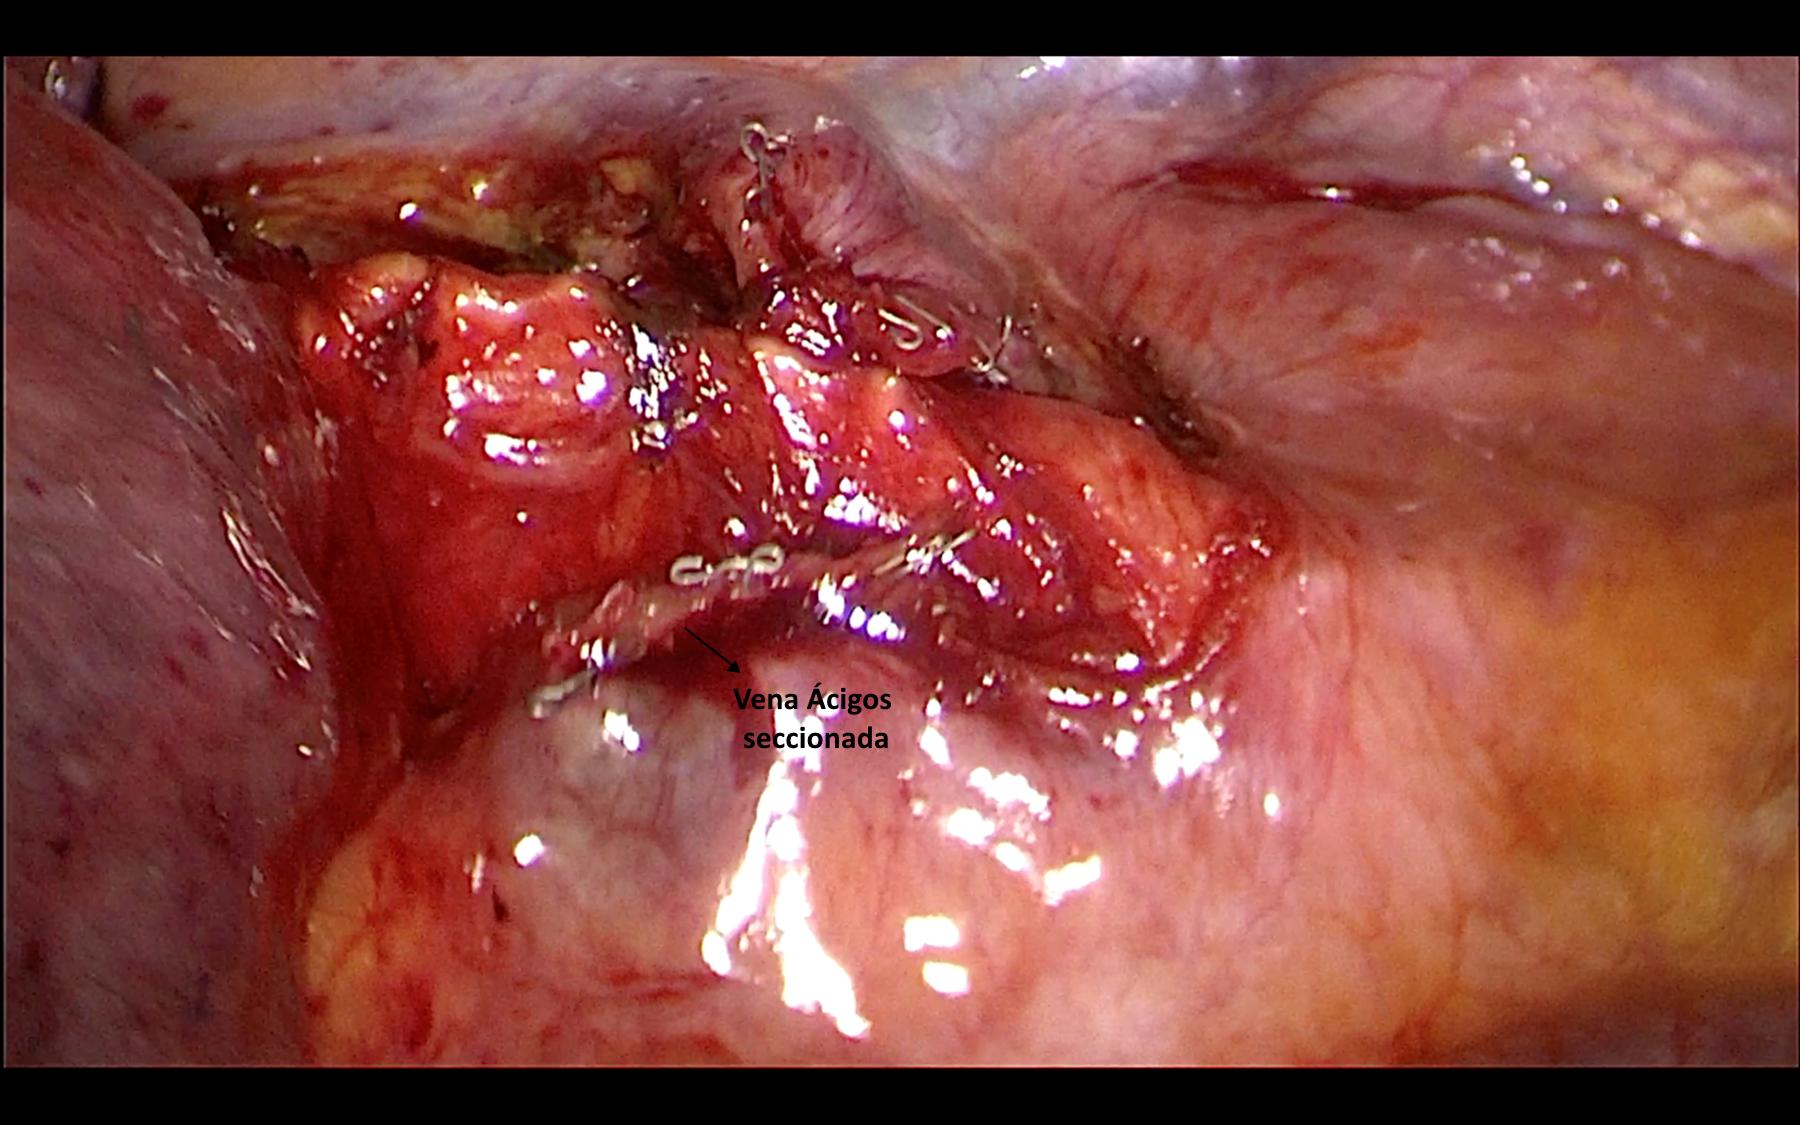 Cirugía - Sección de V. Ácigos